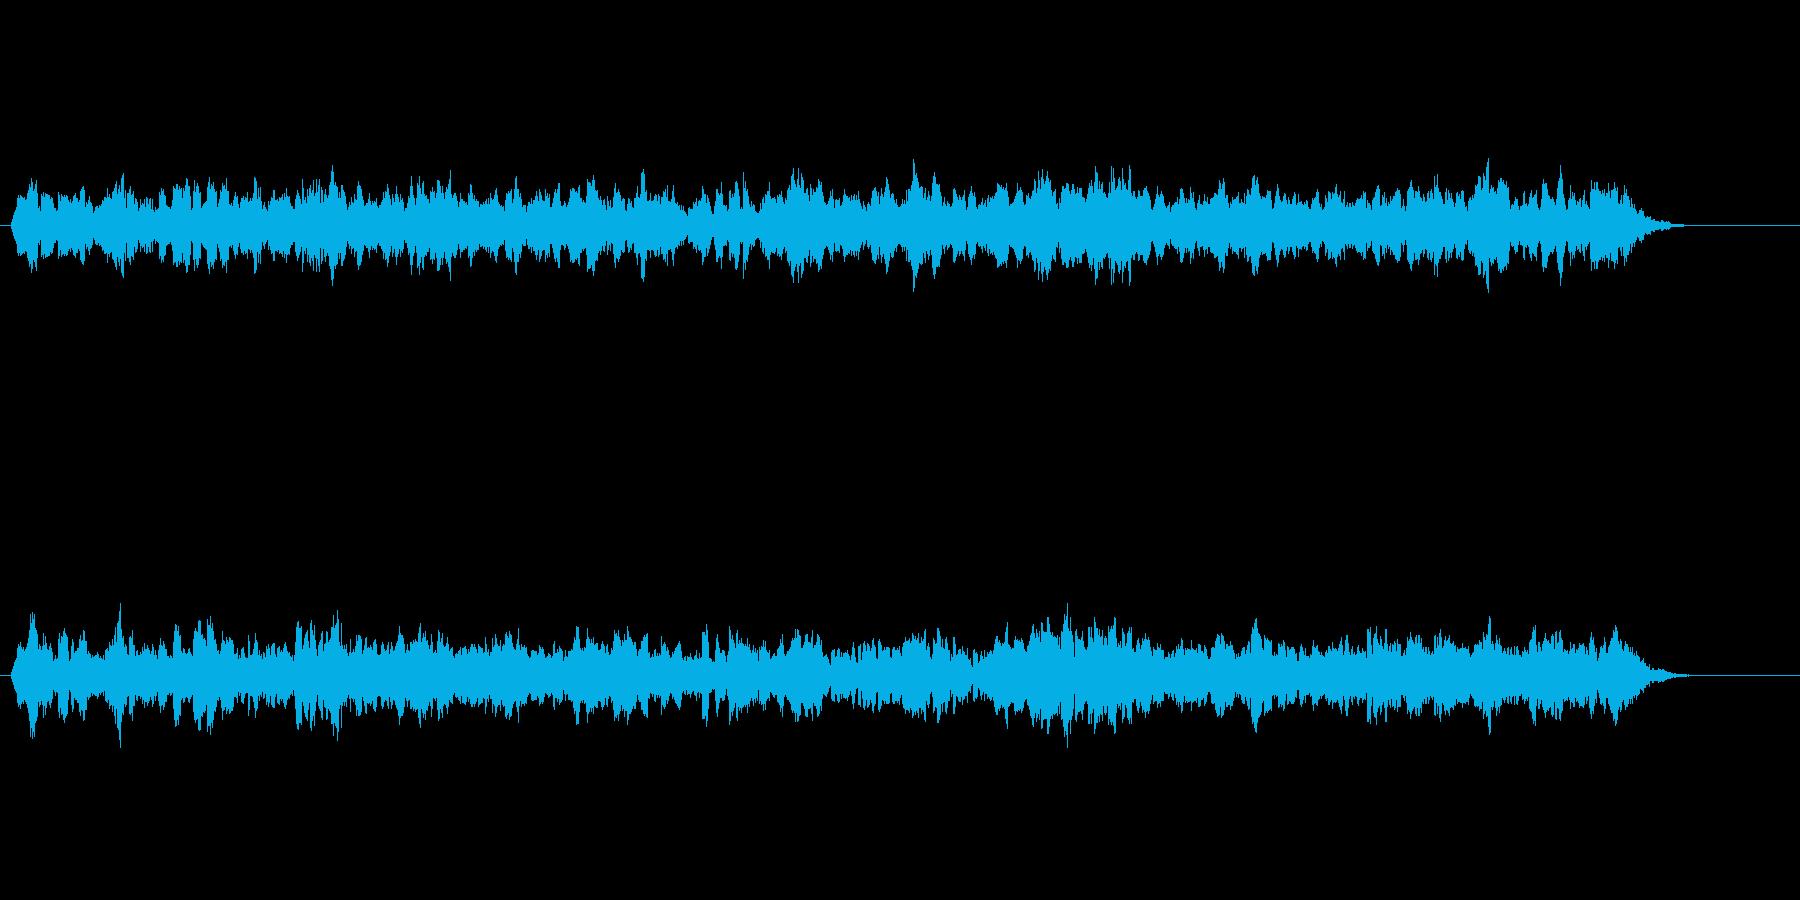 【サイバー07-3】の再生済みの波形